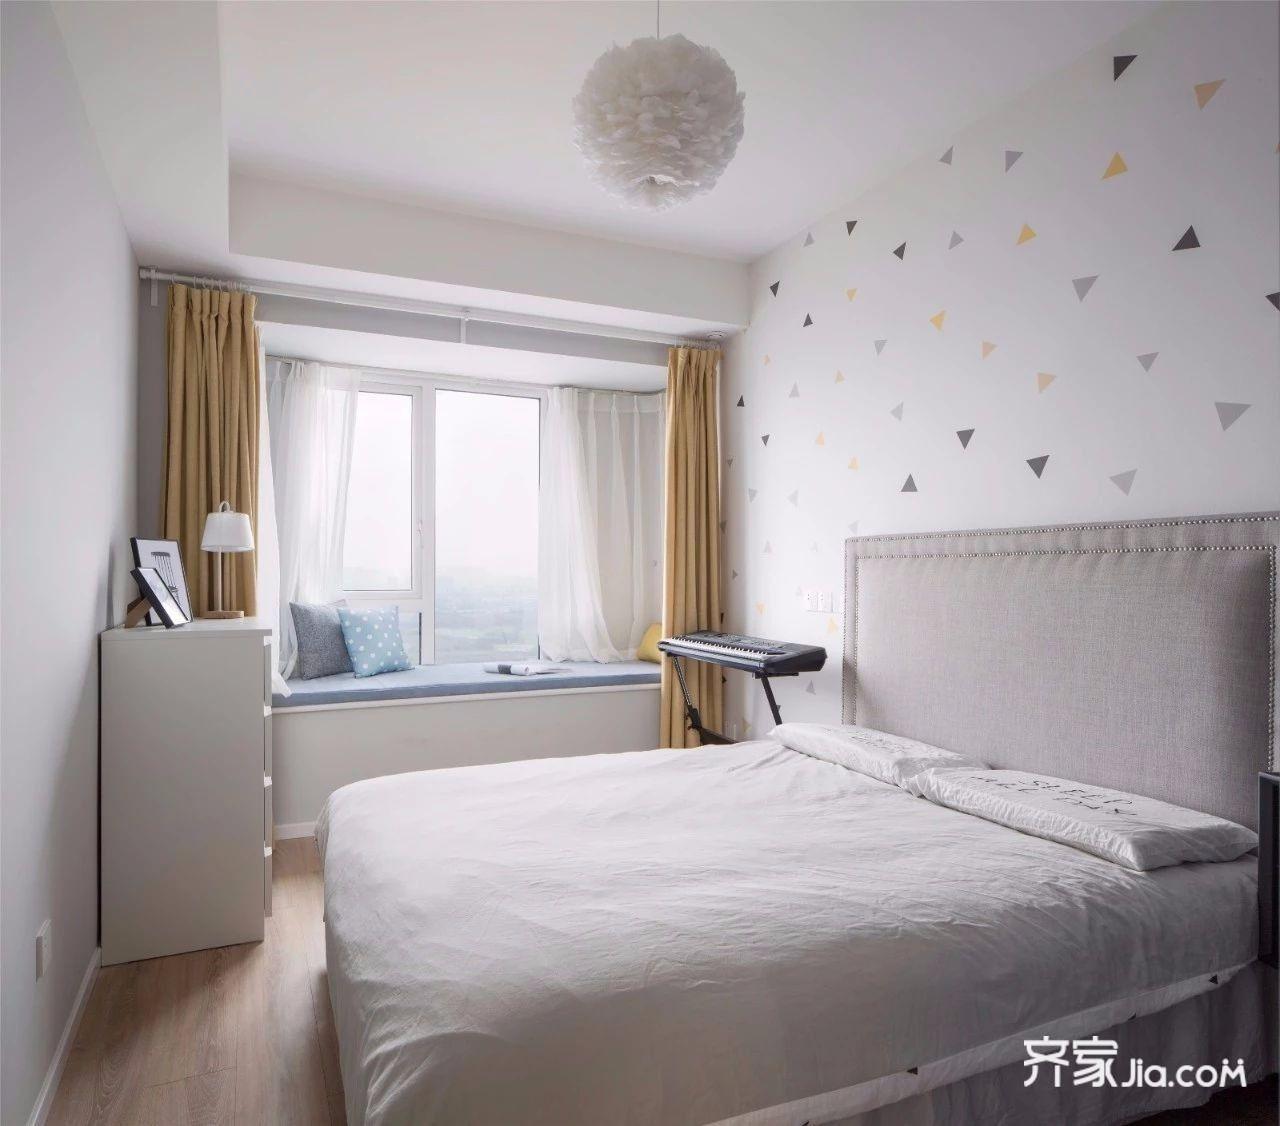 装修设计 长沙装修 长沙装修案例 简约现代   卧室床头背景墙以浅灰偏